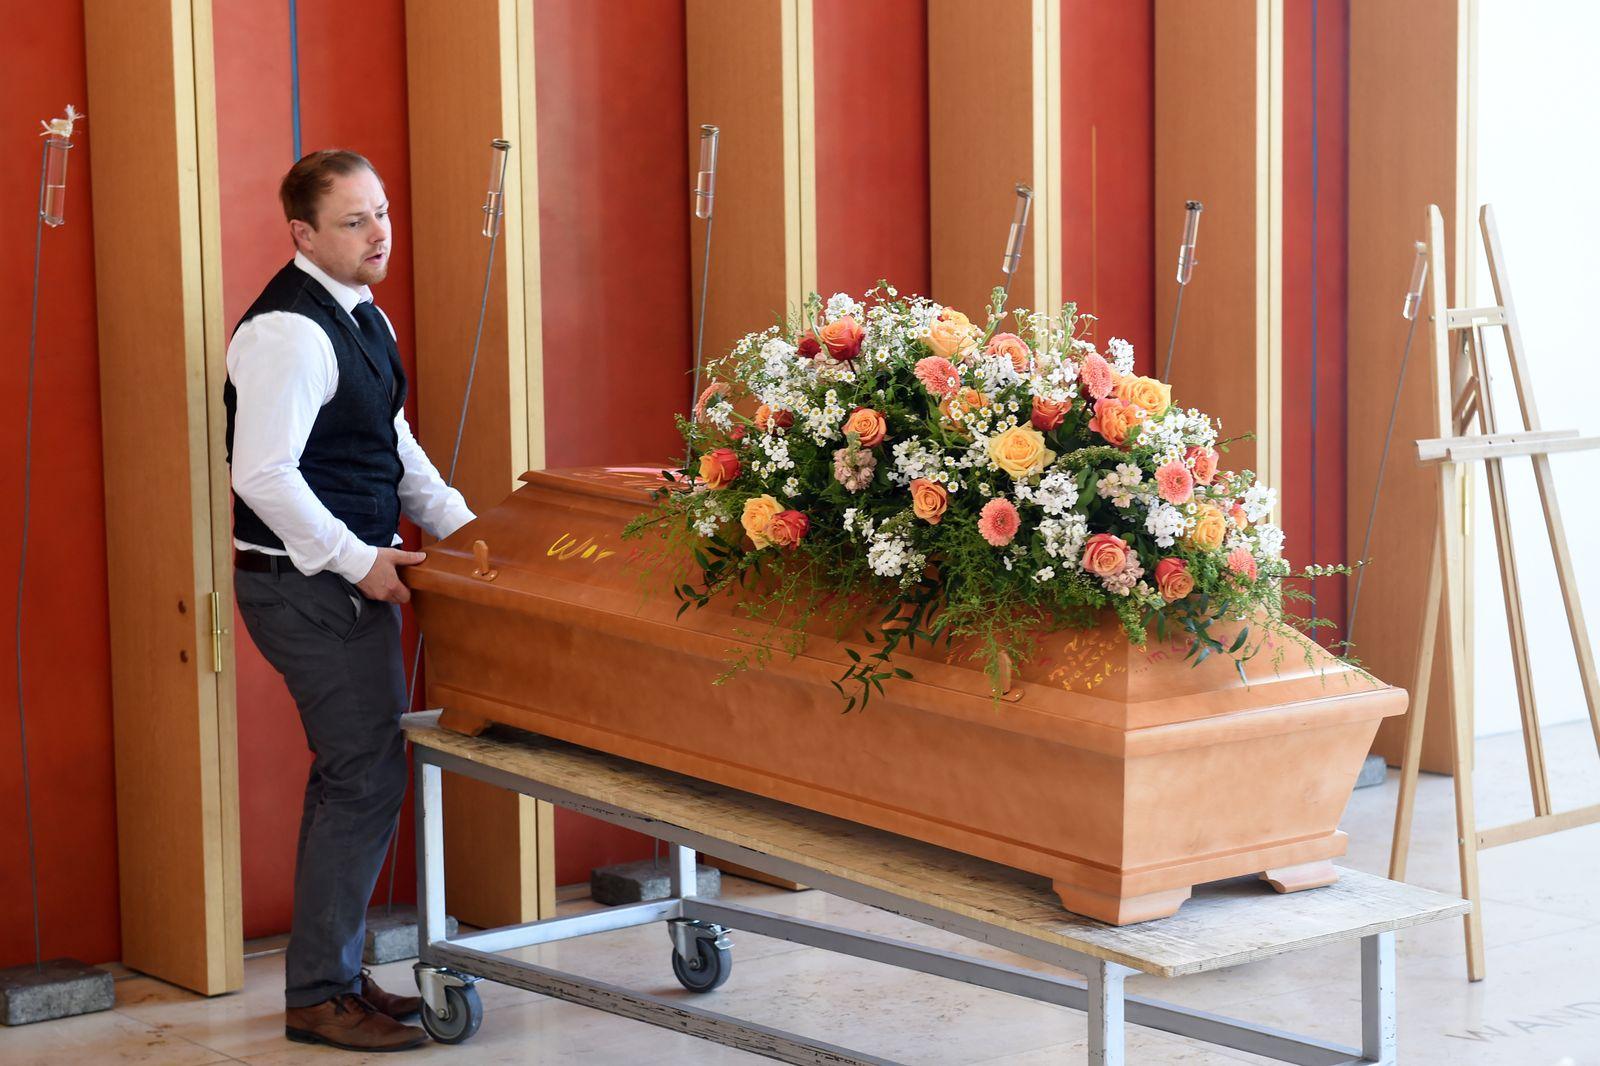 Corona erschwert Abschied von Toten